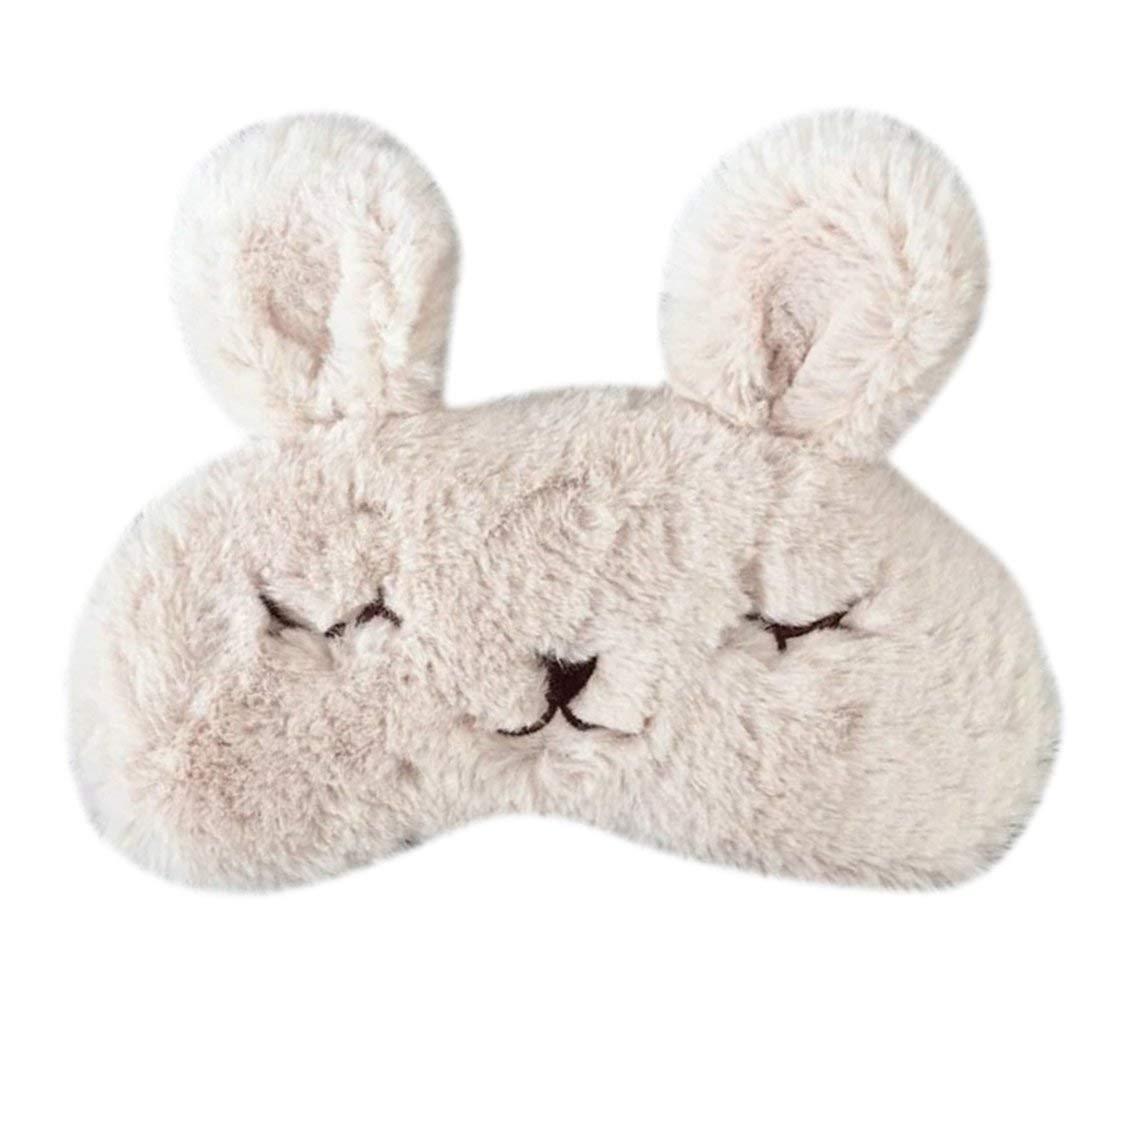 Encantador Conejo Lindo Diseño Respirable Máscara de Ojo para Dormir Suave Acolchado Dormir Viajar Cubrir la Cubierta Descanso Relajarse Dormir con los Ojos vendados - Caqui VIGE